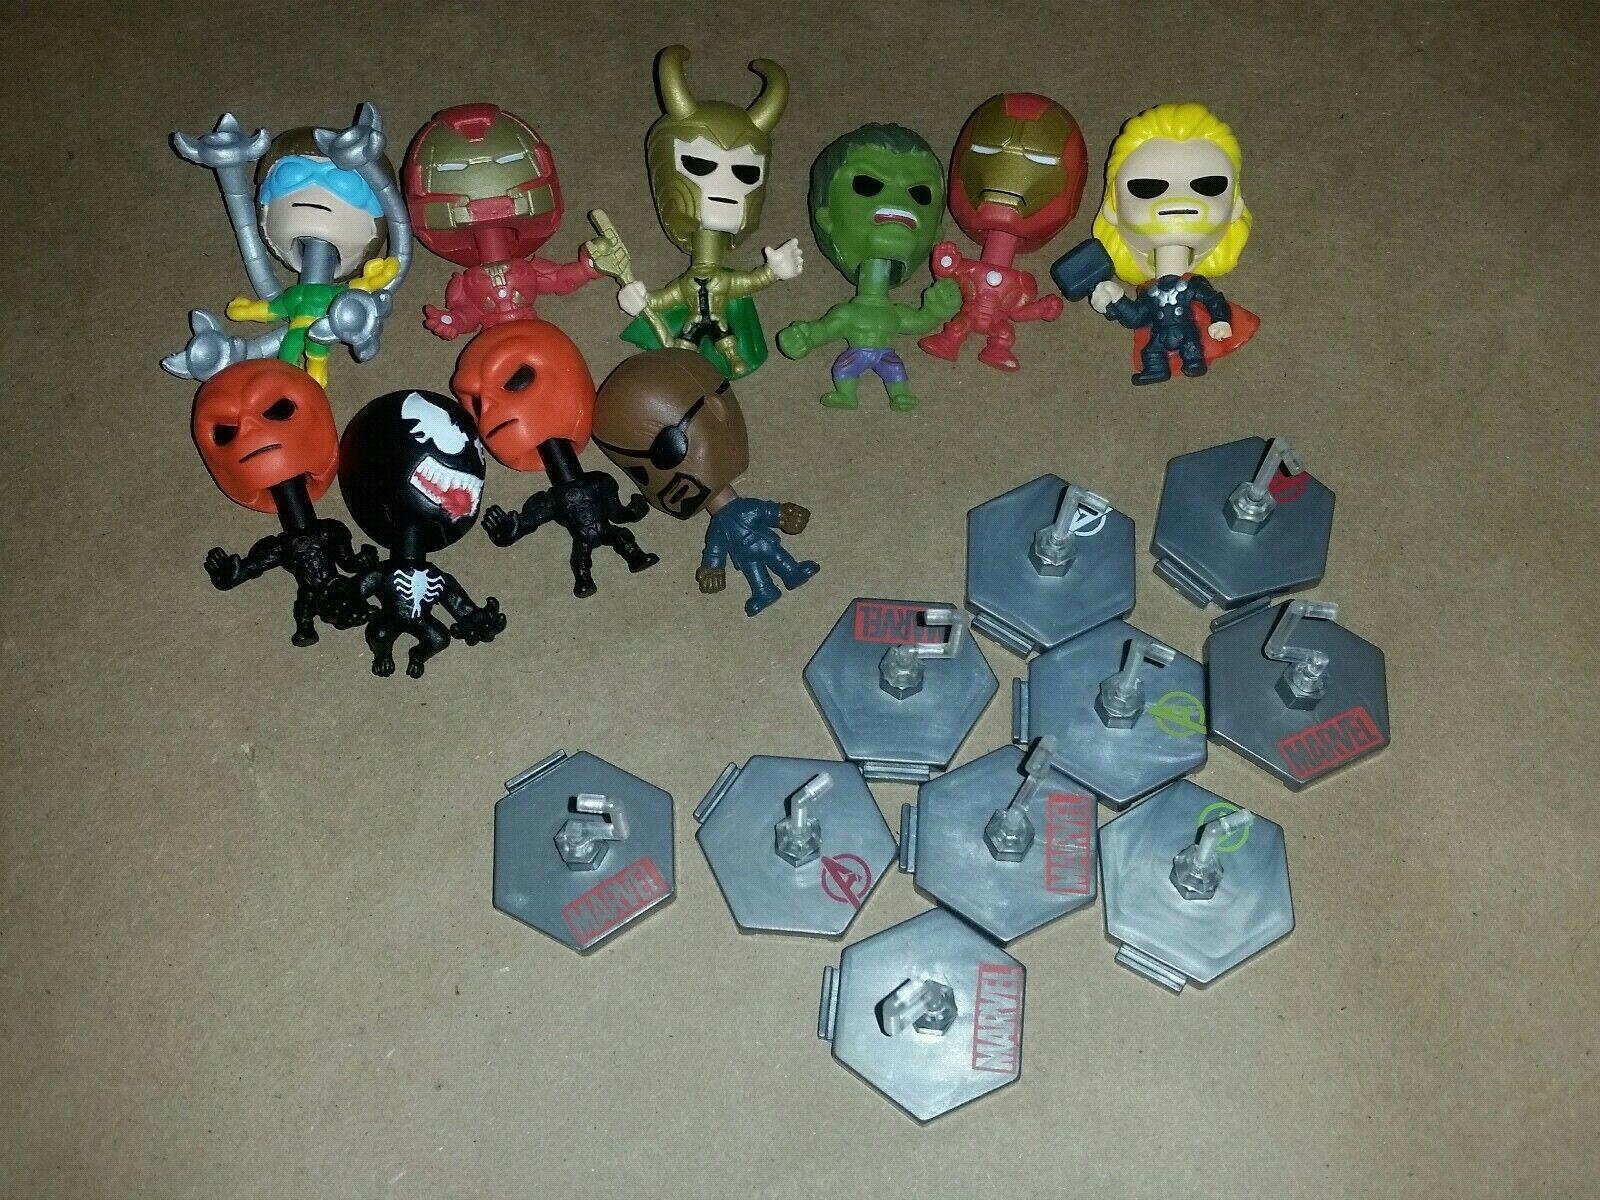 Marvel avengers blip blip blip bobble head lot Hulkbuster red skull thor venom loki hulk 9dbe22